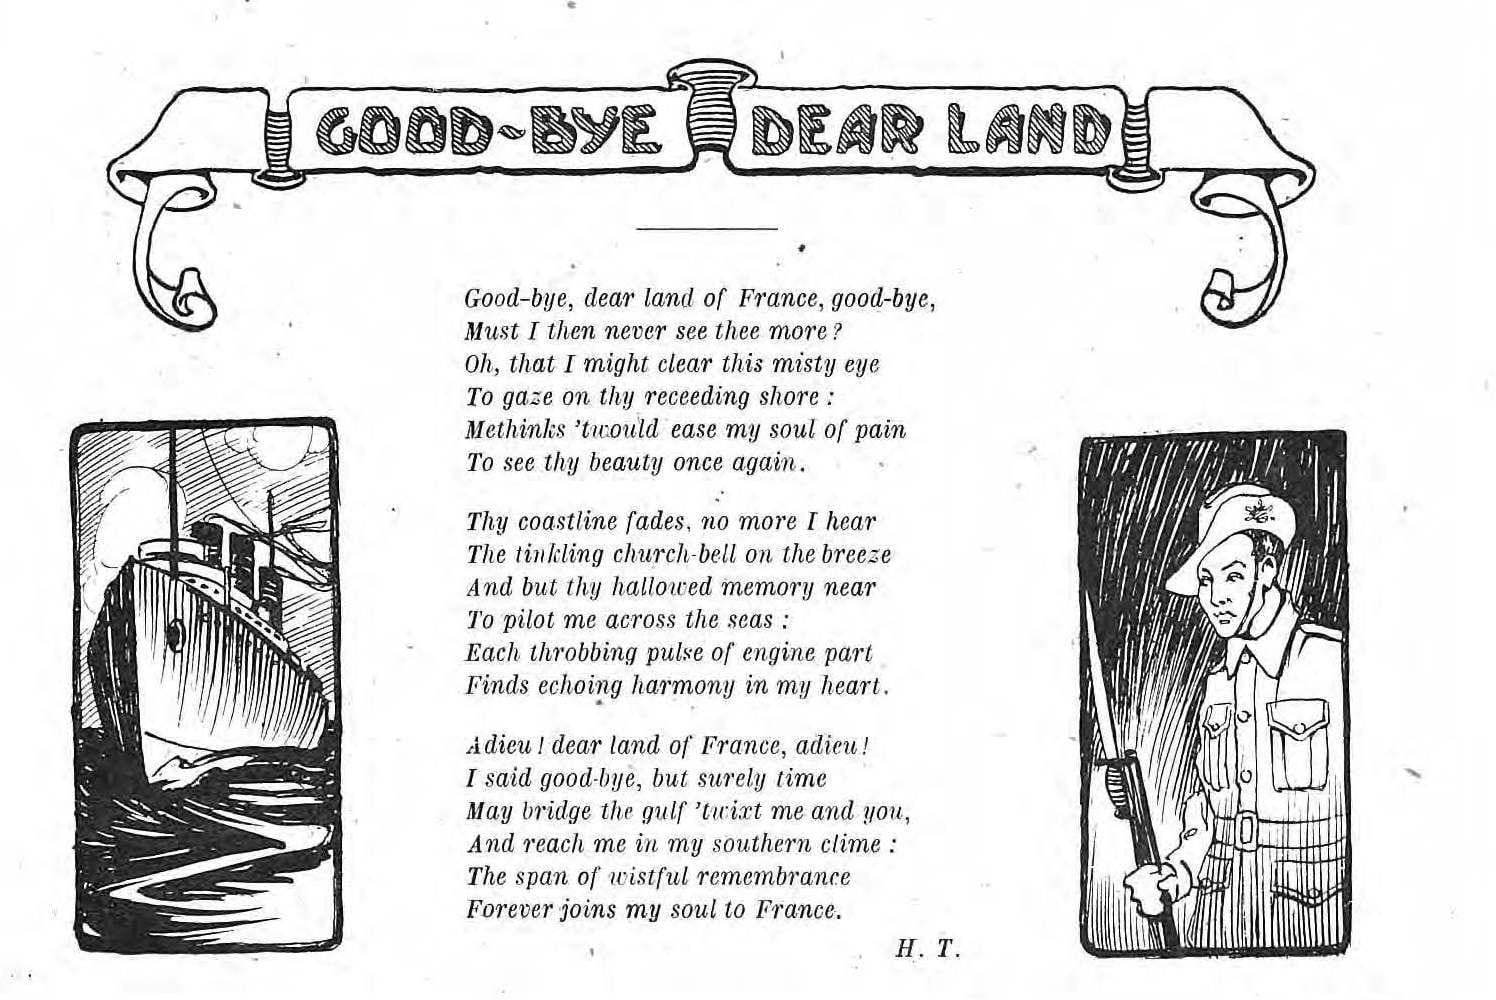 Goodbye Dear Land, Derniere Heure